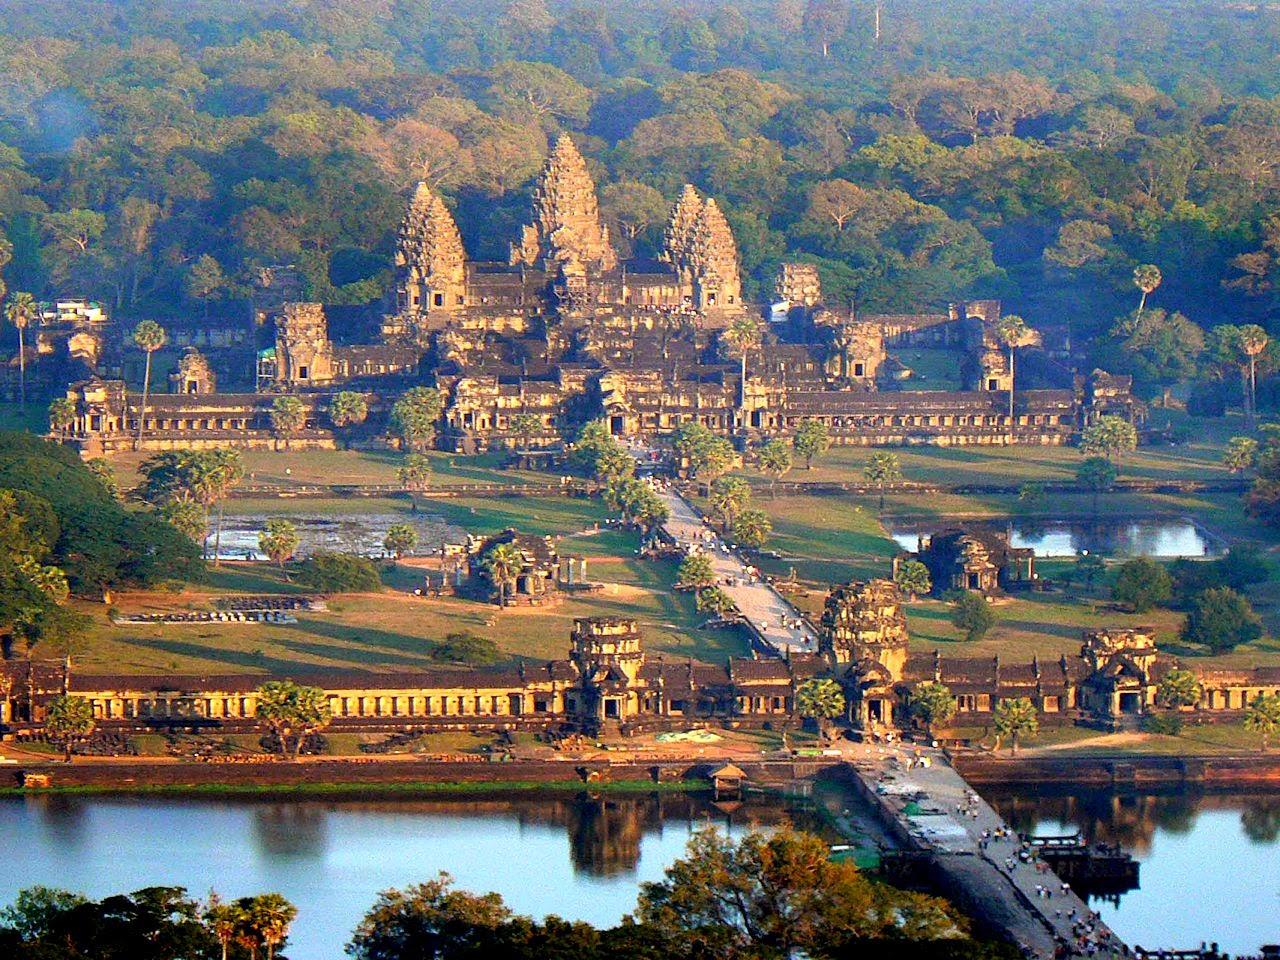 Templo central de Angkor Wat. O que fez os habitantes abandonarem intacta uma cidade opulenta?